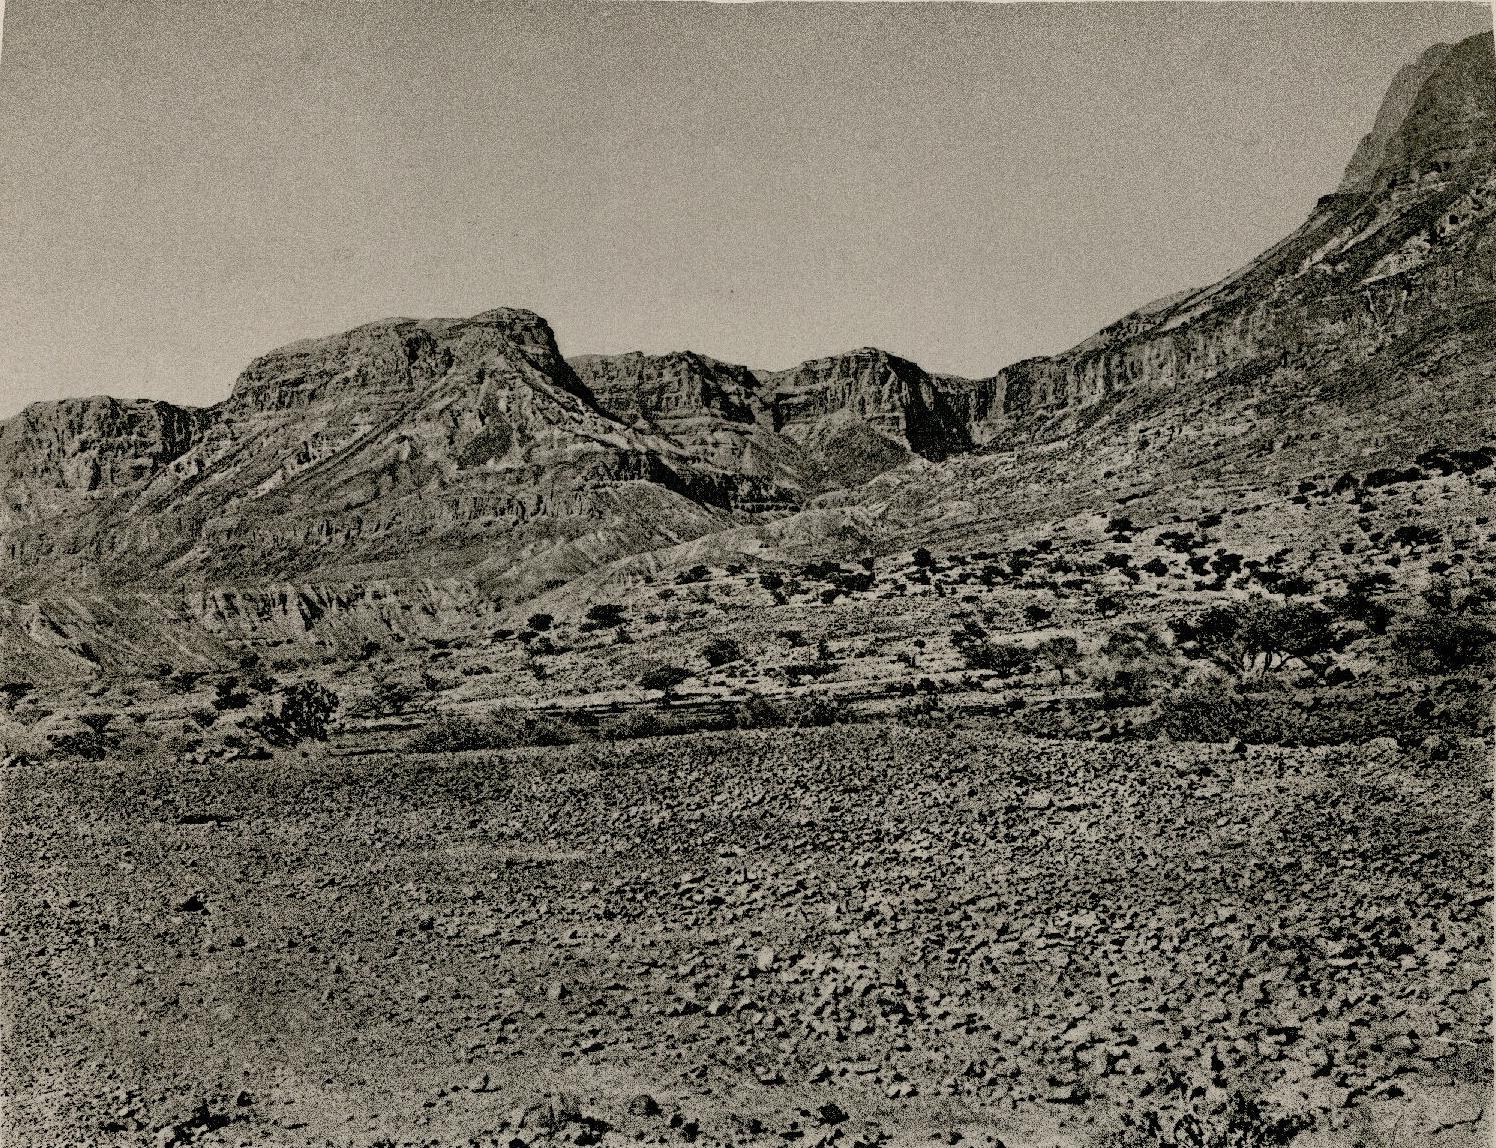 29. Берег Мертвого моря. Вид Вади Арейи